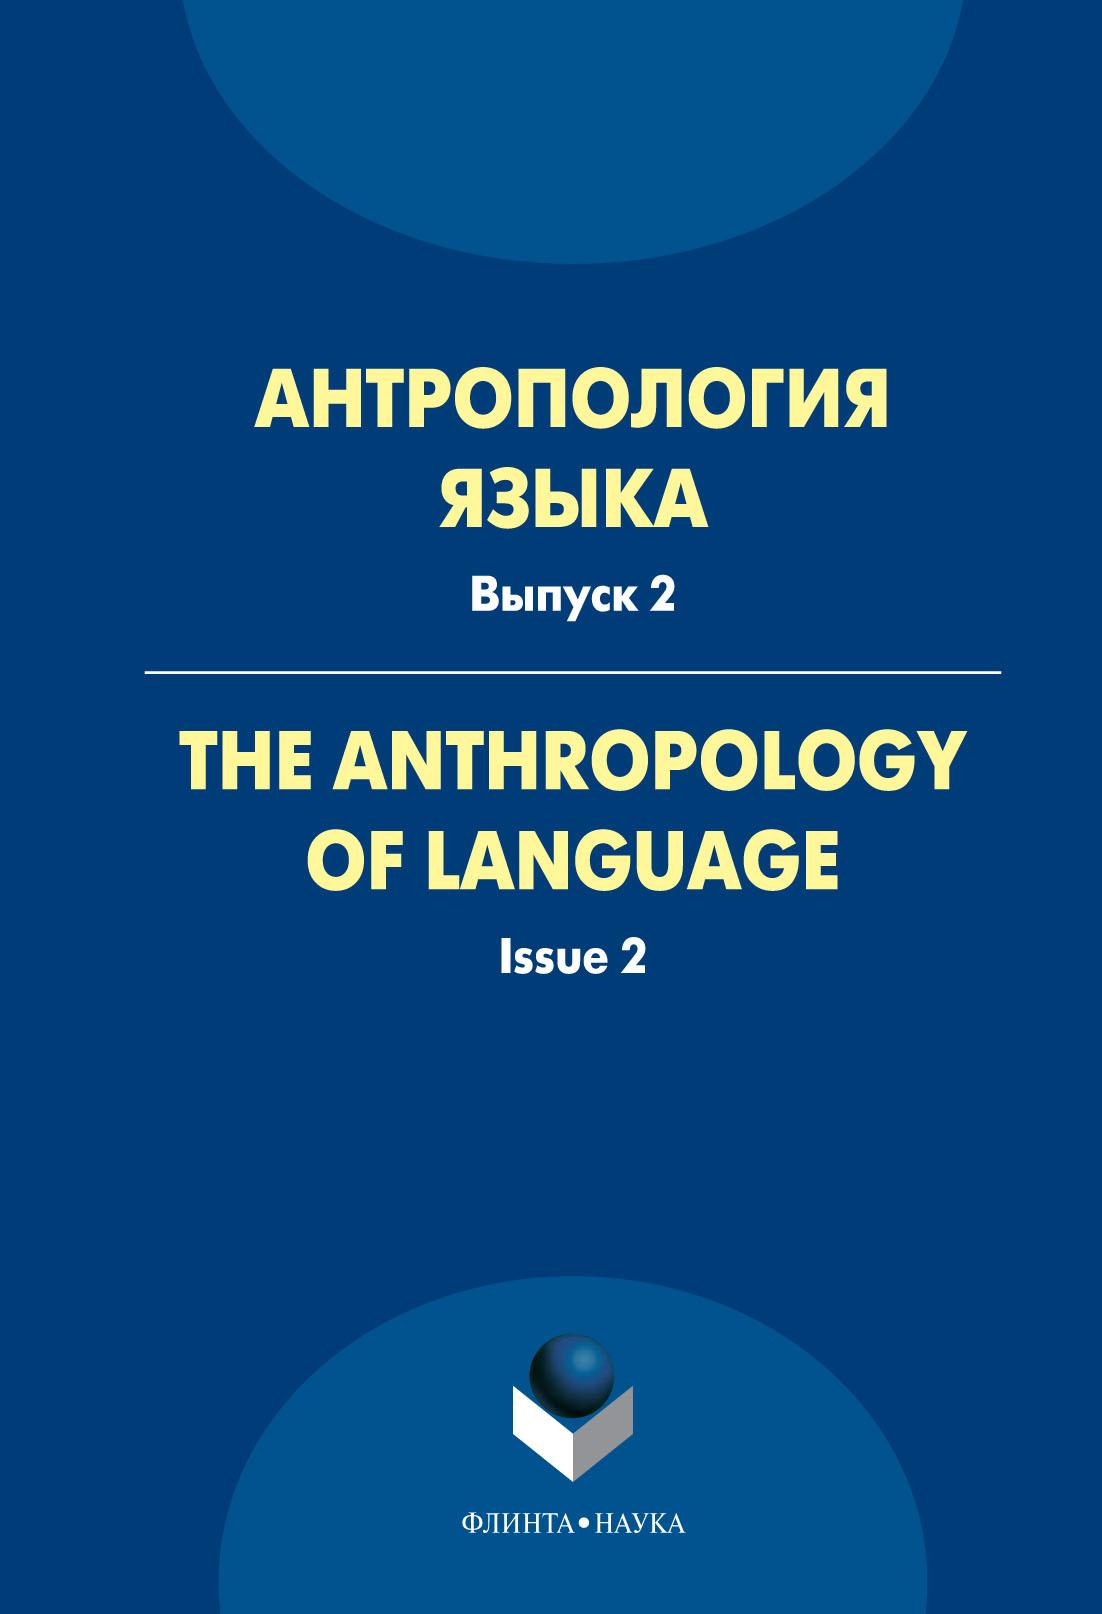 Сборник статей Антропология языка. The Anthropology of Language. Выпуск 2 сборник статей антропология языка the anthropology of language выпуск 2